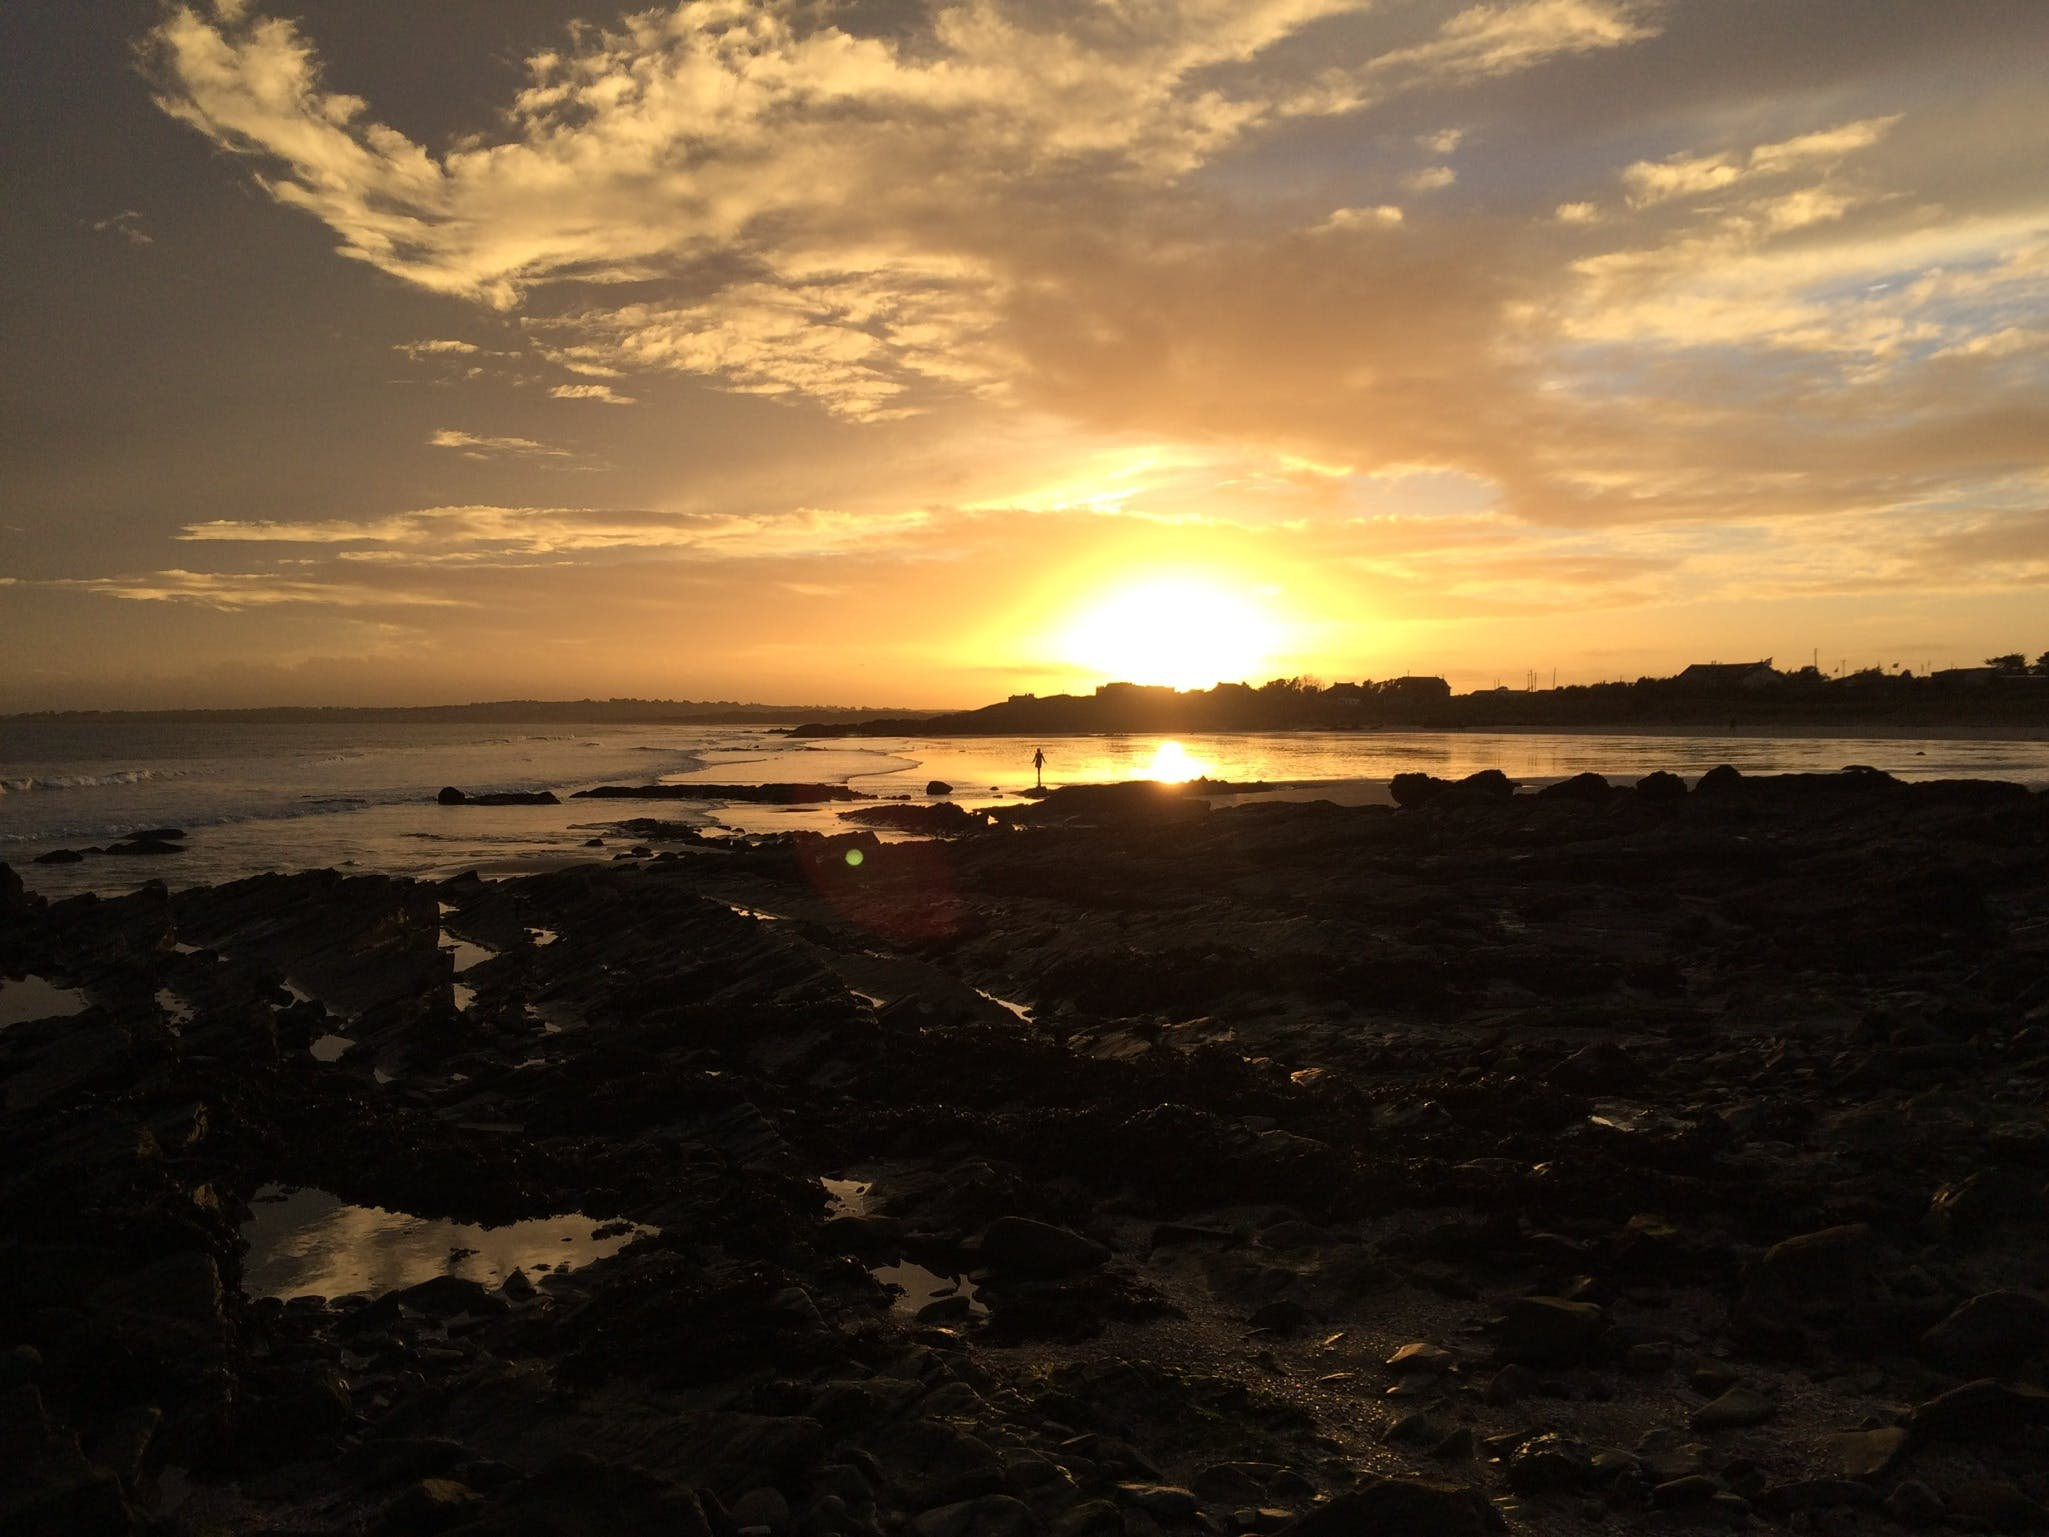 Free stock photo of beach, sunset